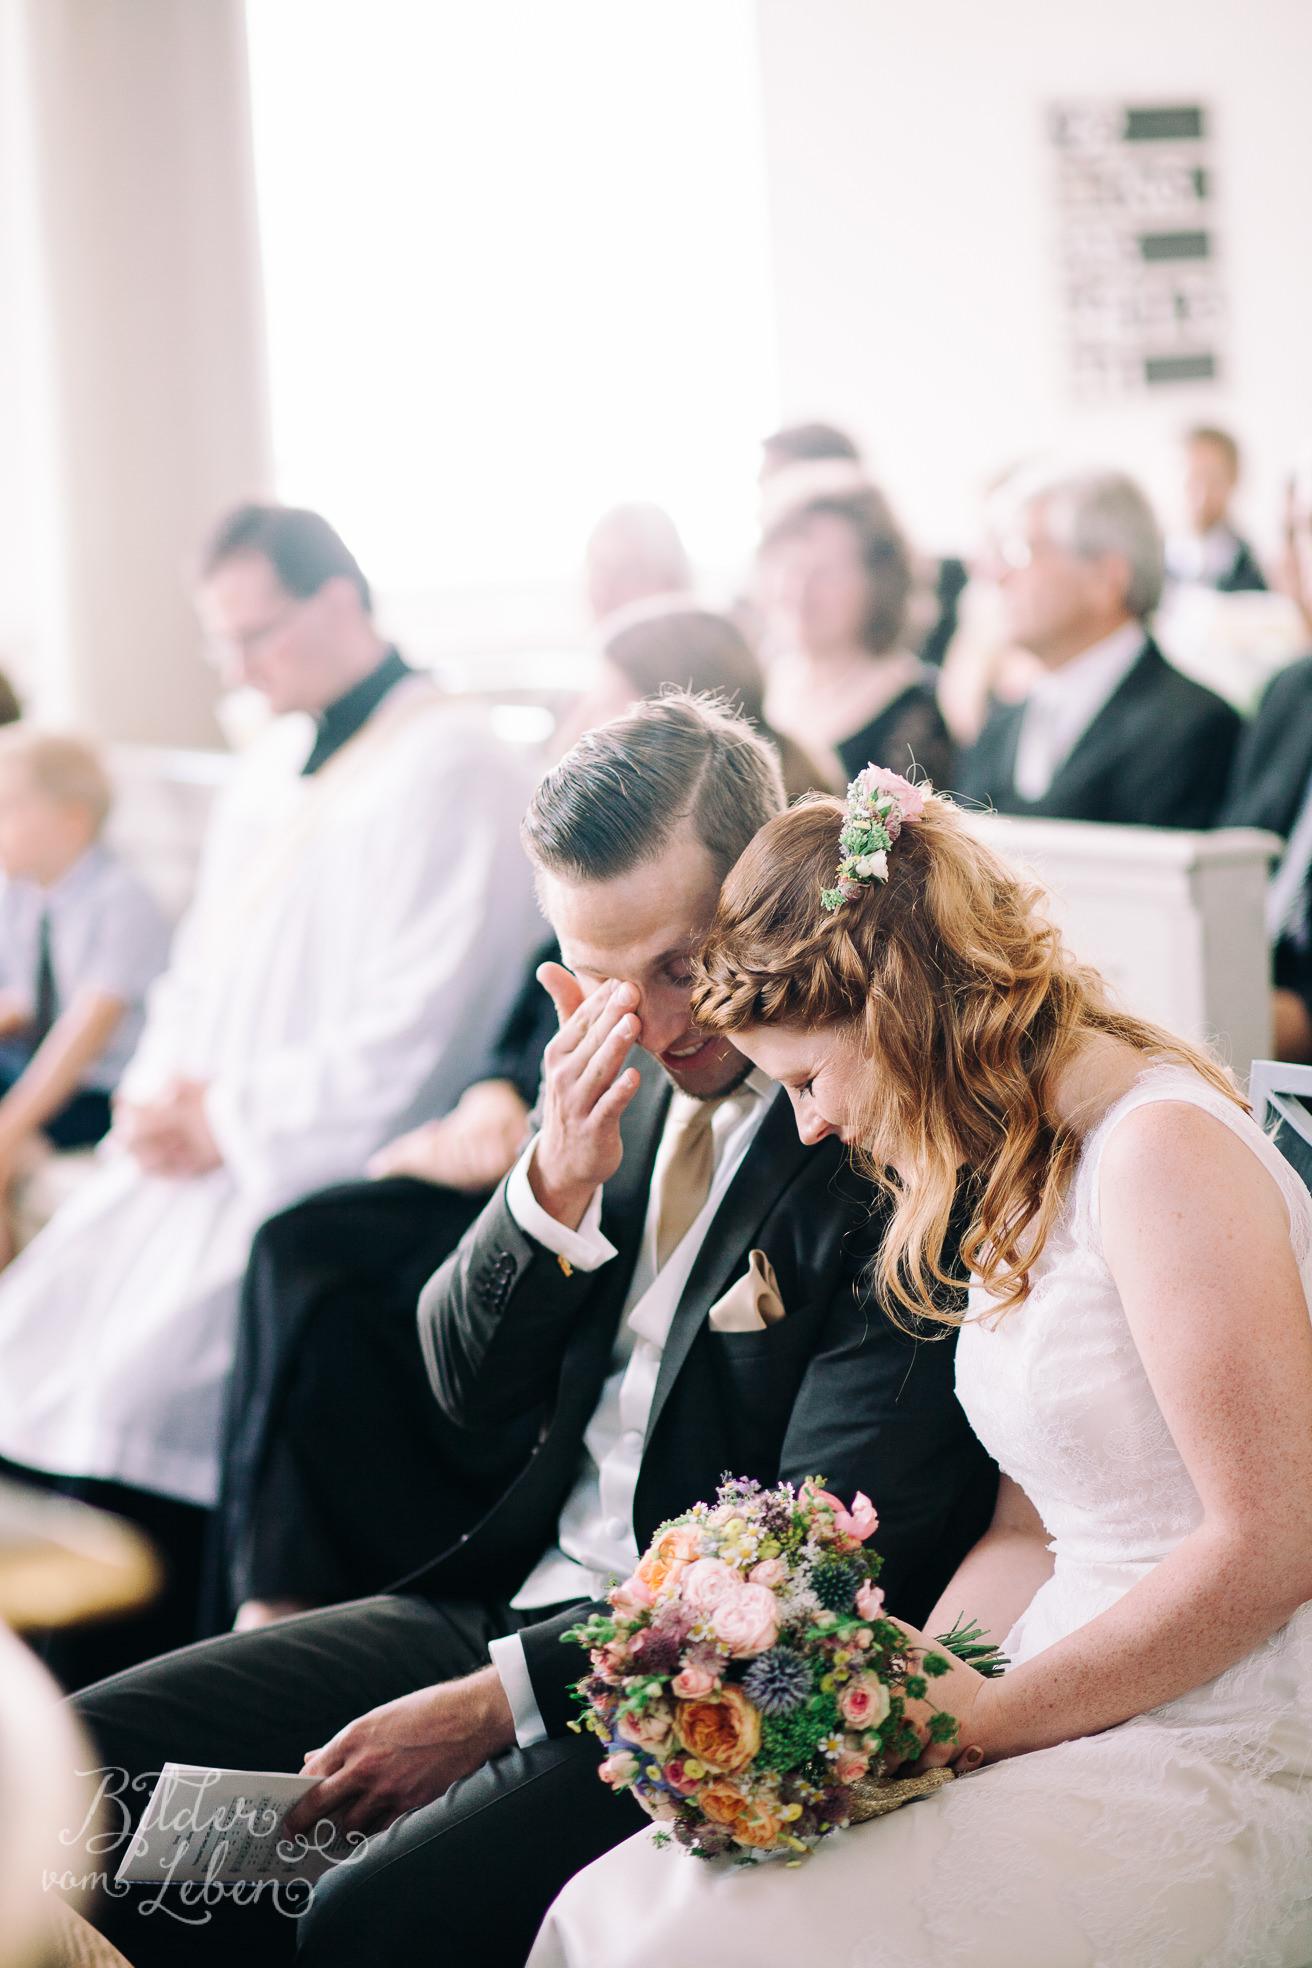 Franzi-Mike-Hochzeitsfotos-Triesdorf-_MG_9351